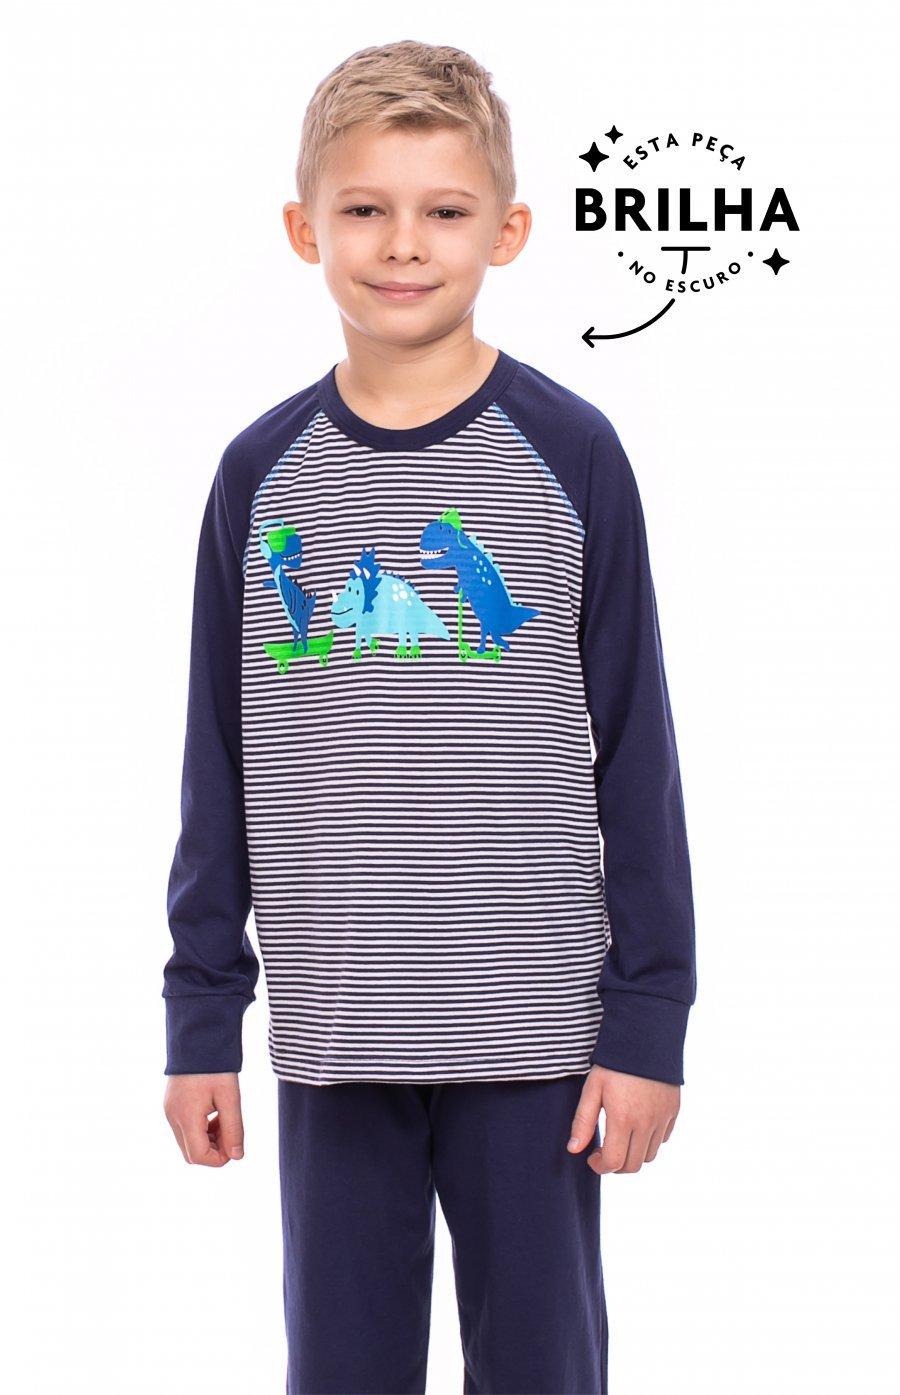 LANÇAMENTO Pijama Infantil Kids Fun ESPECIAL DIA DOS PAIS Inverno 2020